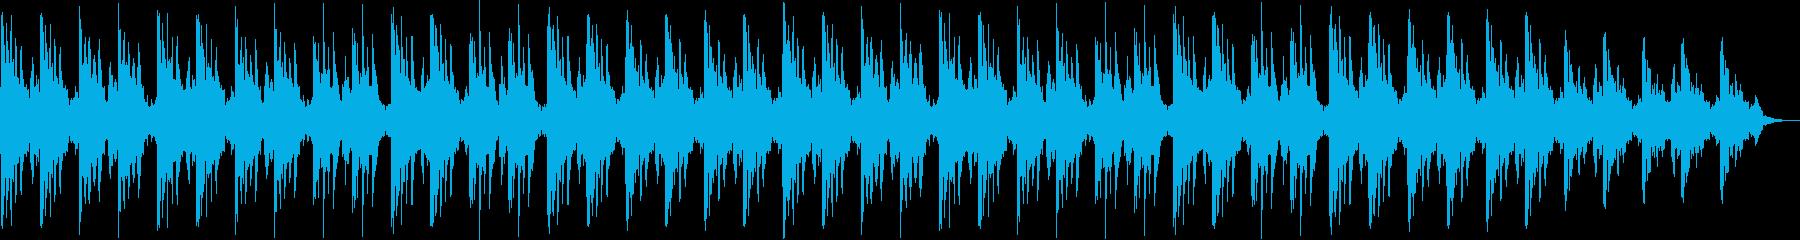 切ない印象シンセサイザーサウンドの再生済みの波形